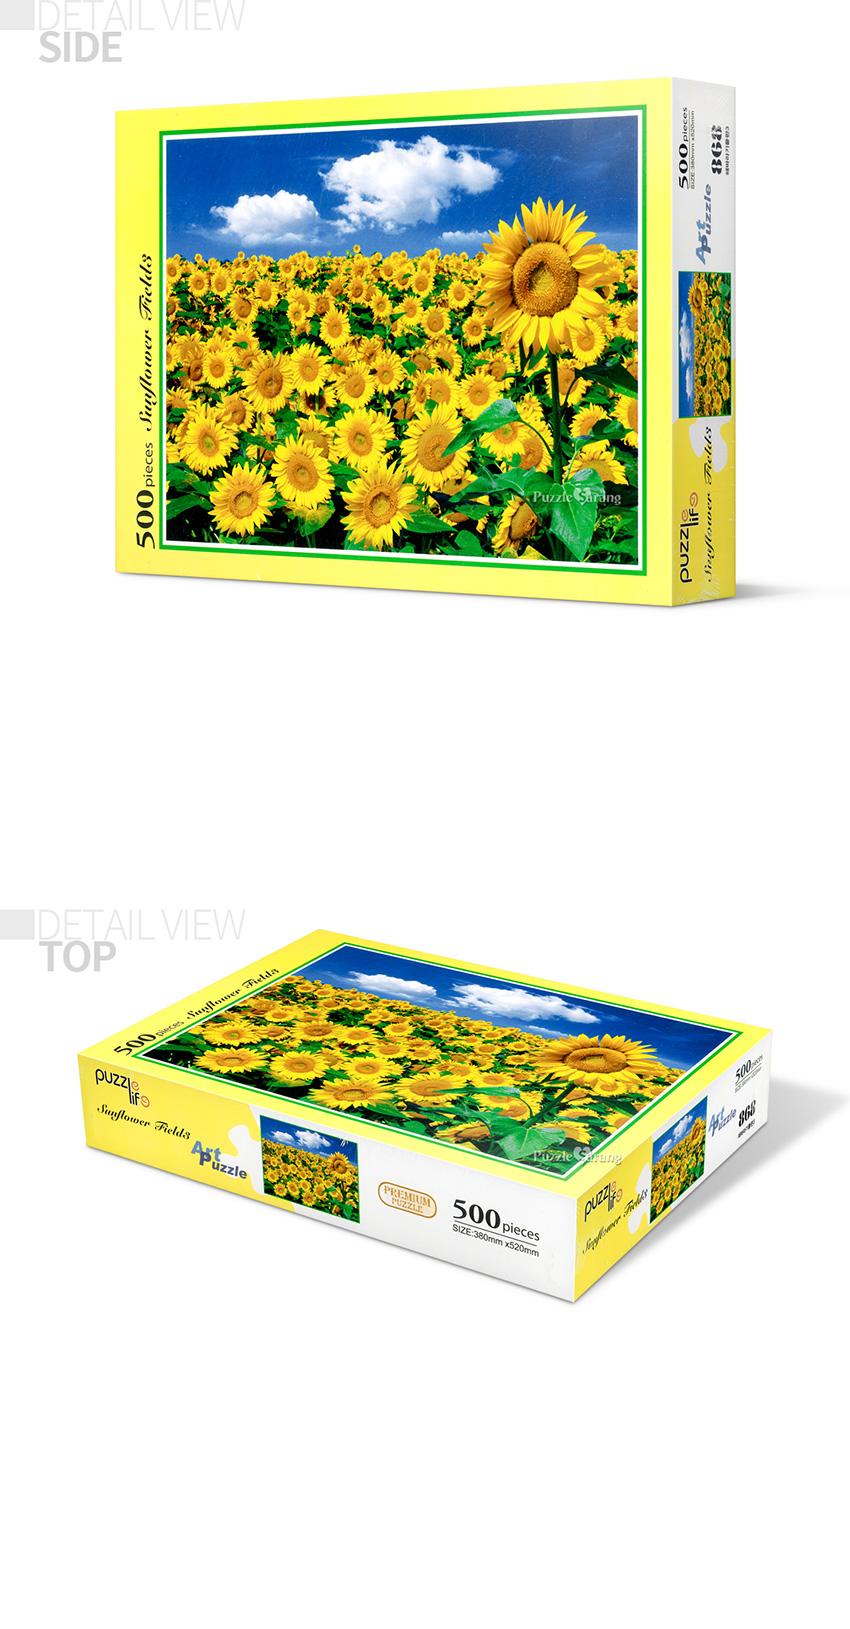 500피스 직소퍼즐 - 해바라기 들판과 푸른 하늘 - 퍼즐사랑, 12,000원, 조각/퍼즐, 풍경 직소퍼즐